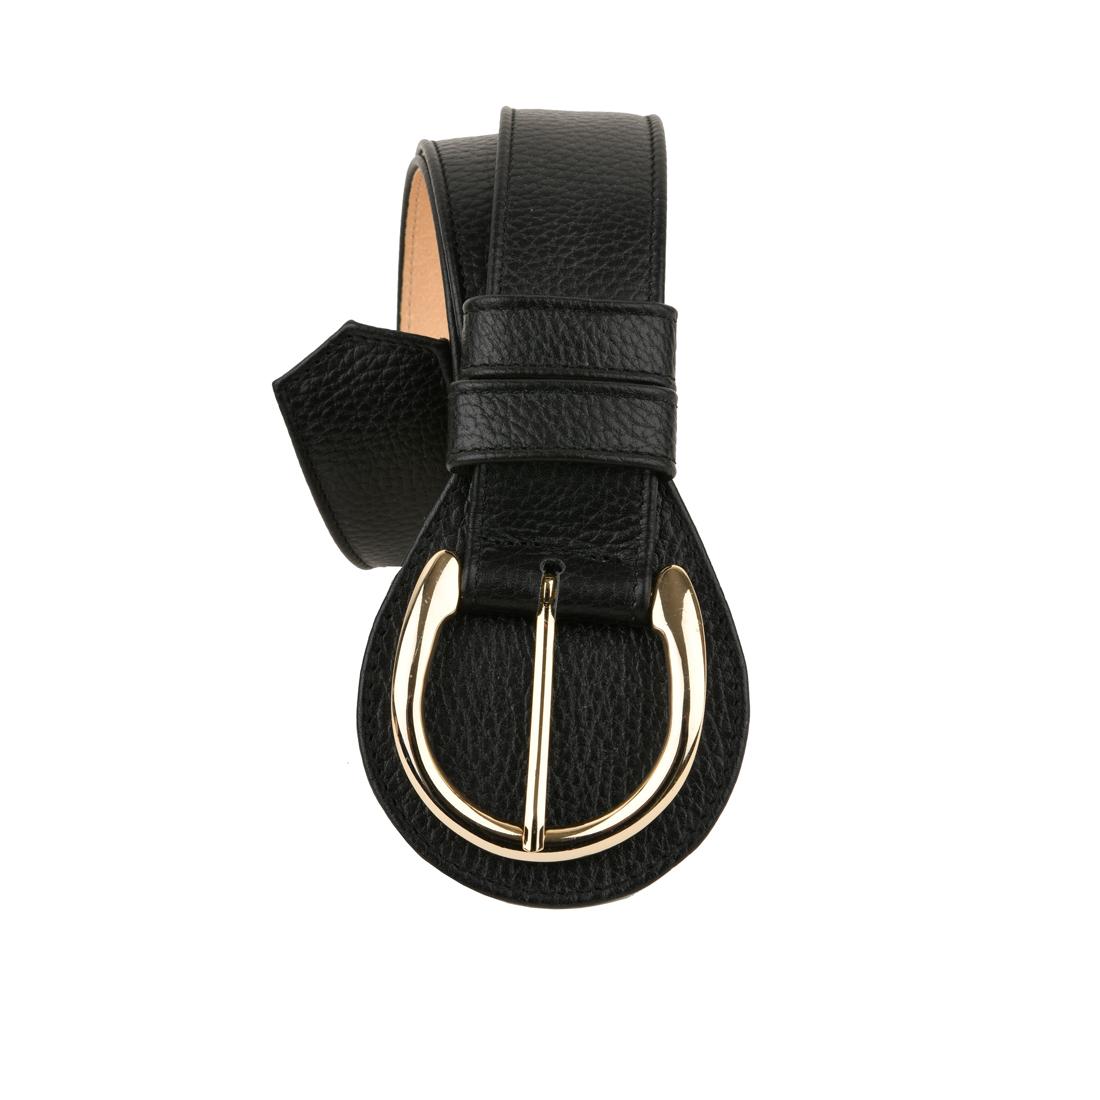 Black Horseshoe Belt